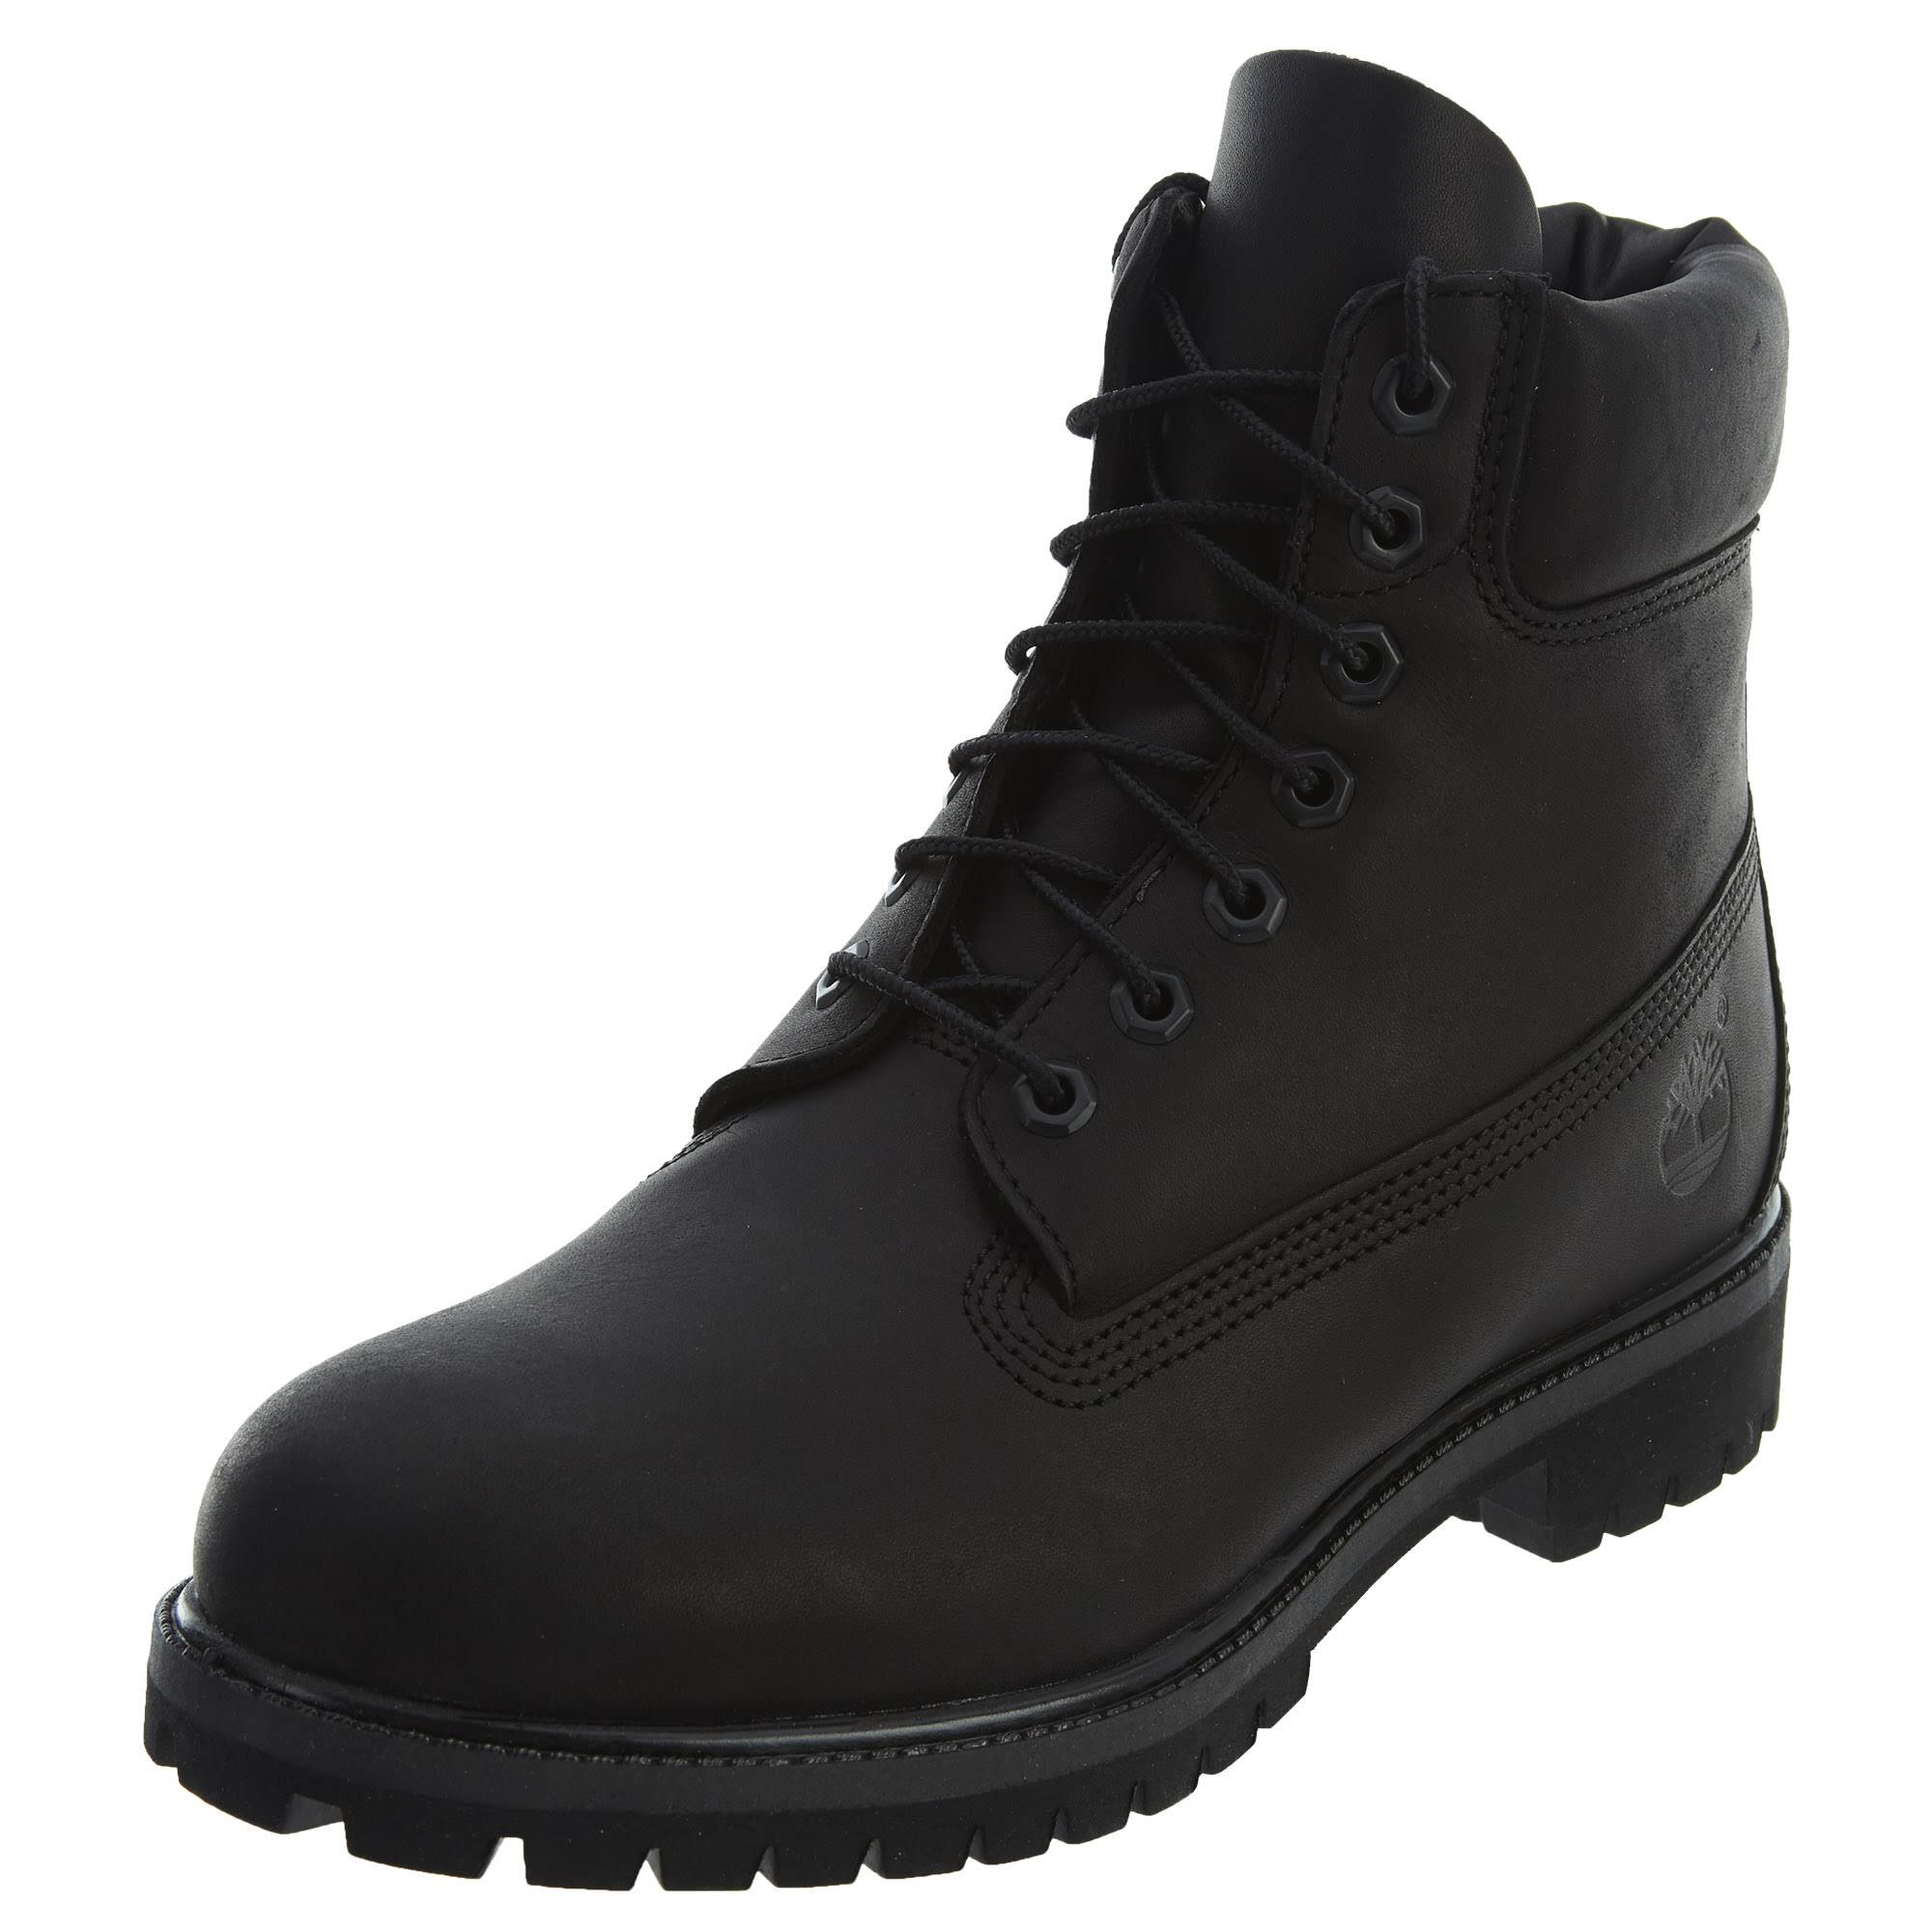 full A1ma6 Black Boot Premium 6 Grain Timberland 11 Inch wKAqIZZ8